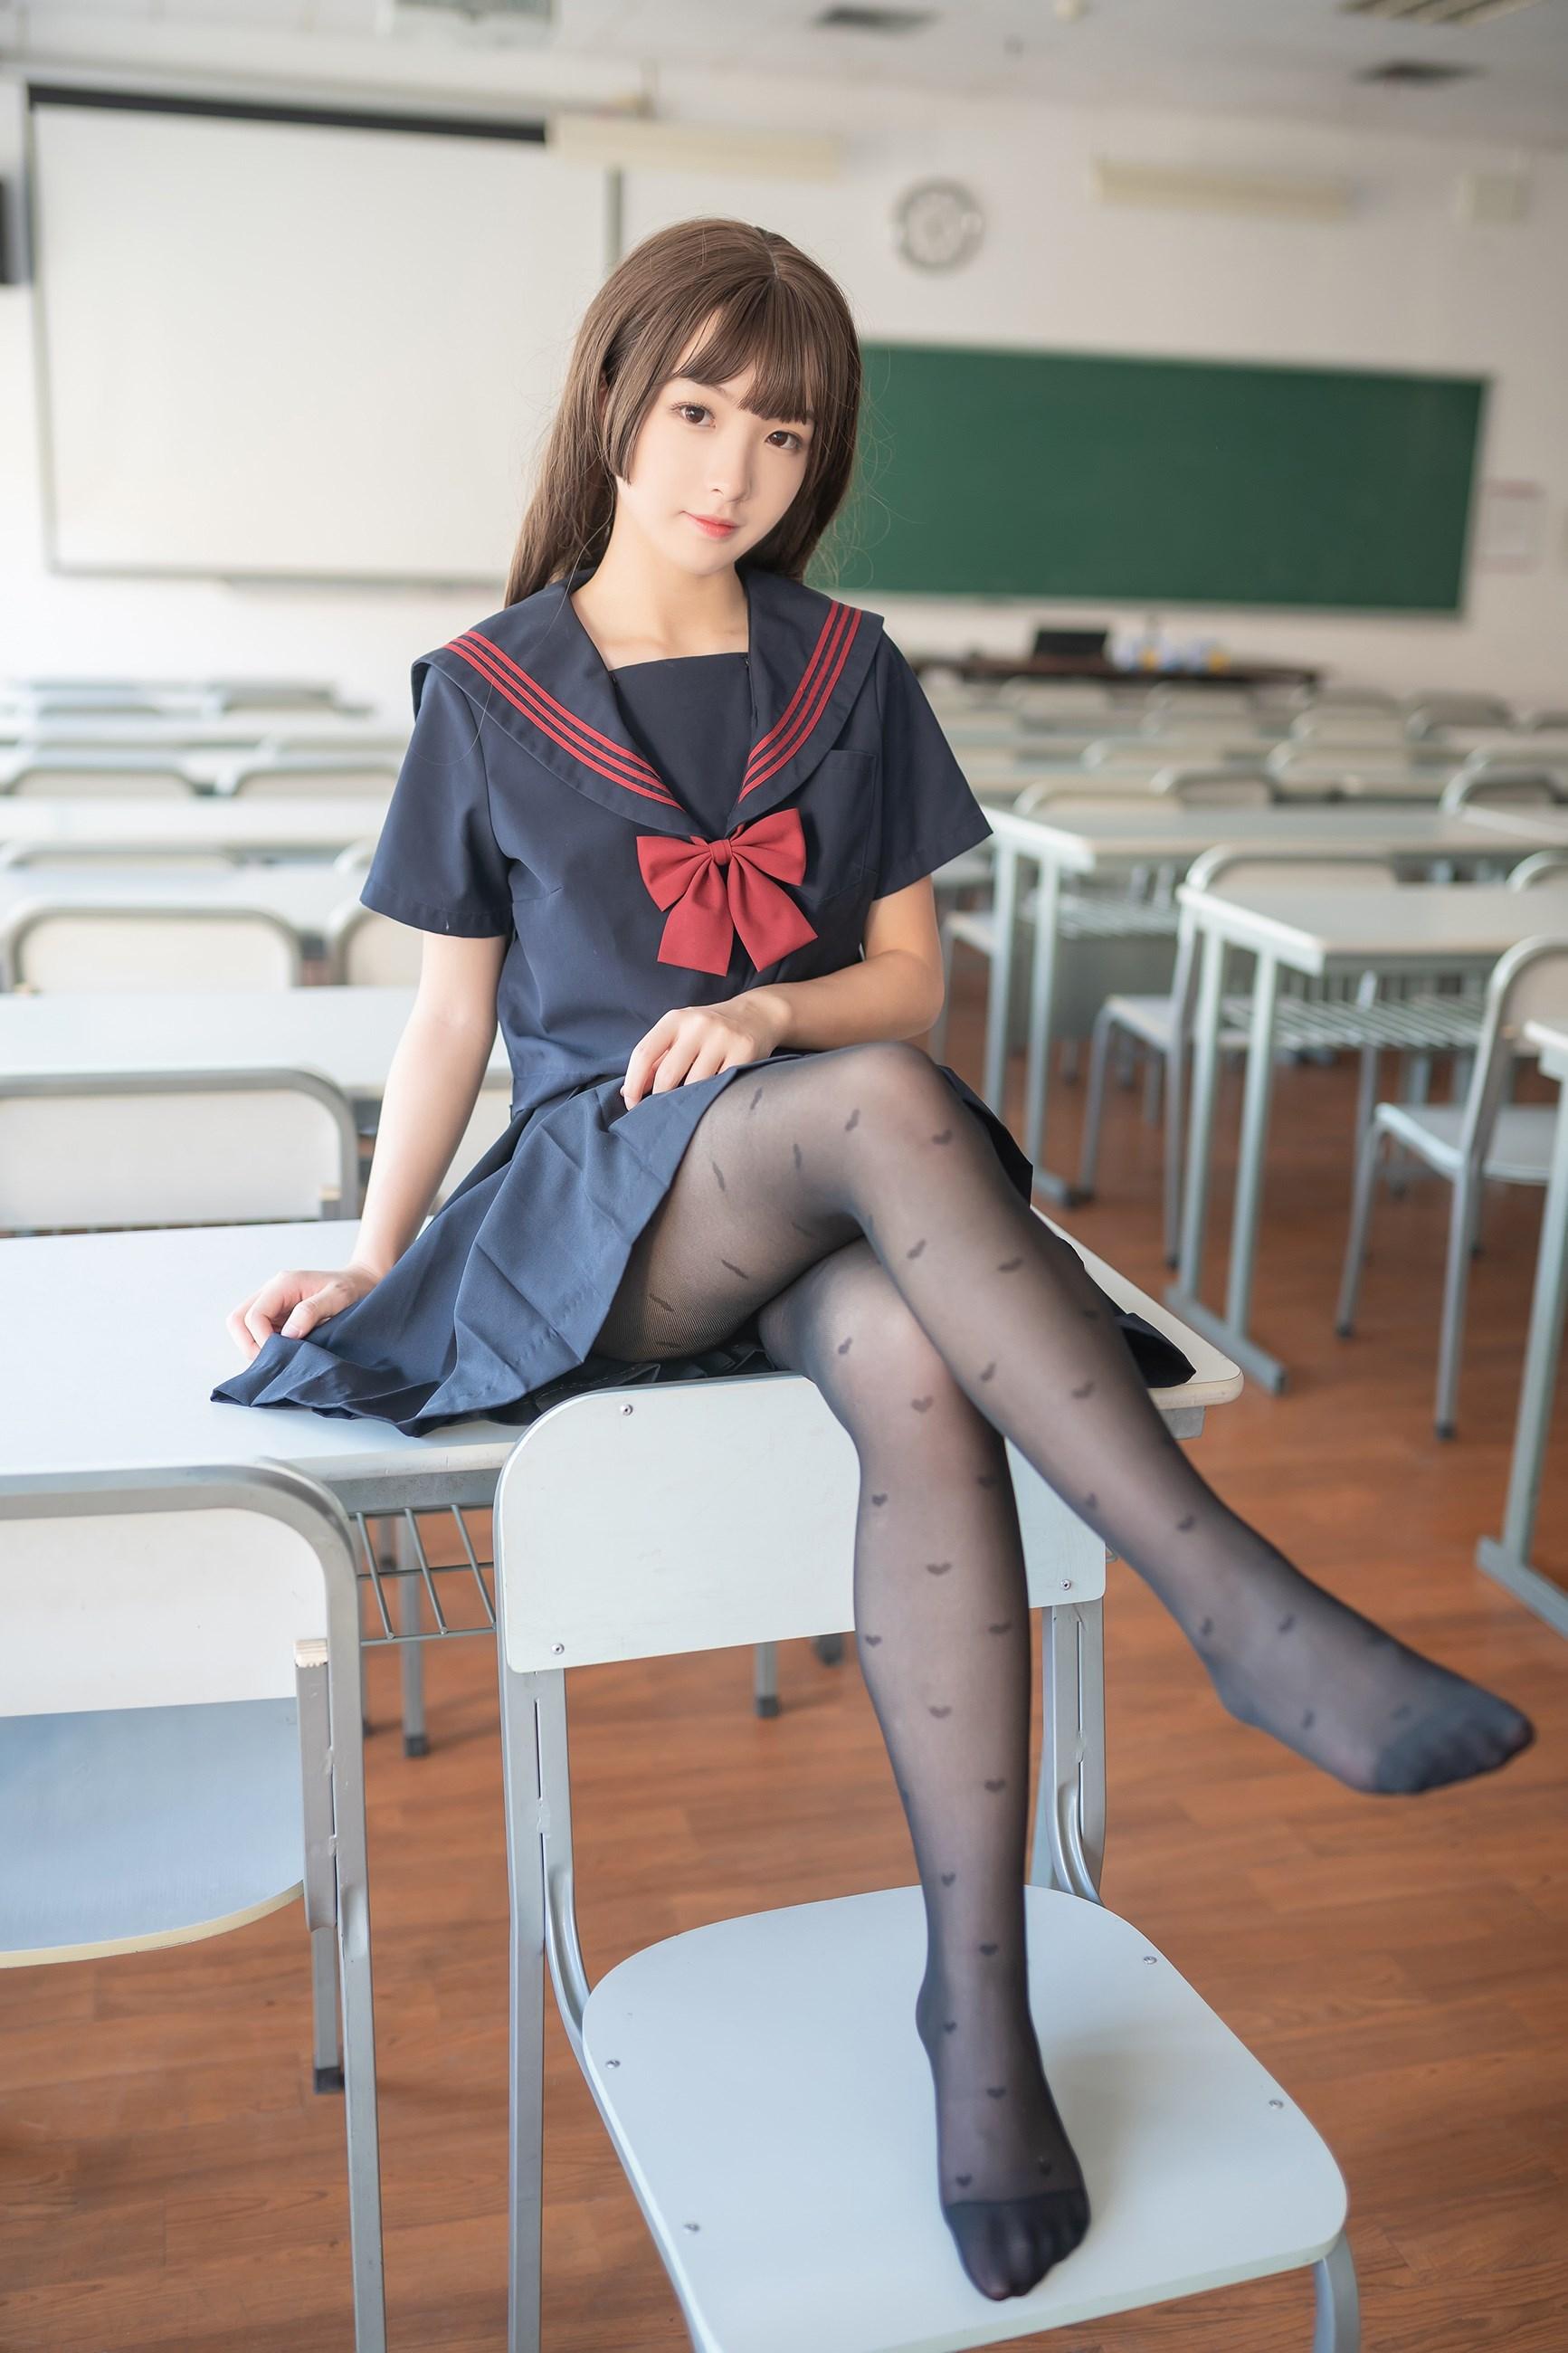 【兔玩映画】教室里的黑丝JK 兔玩映画 第17张